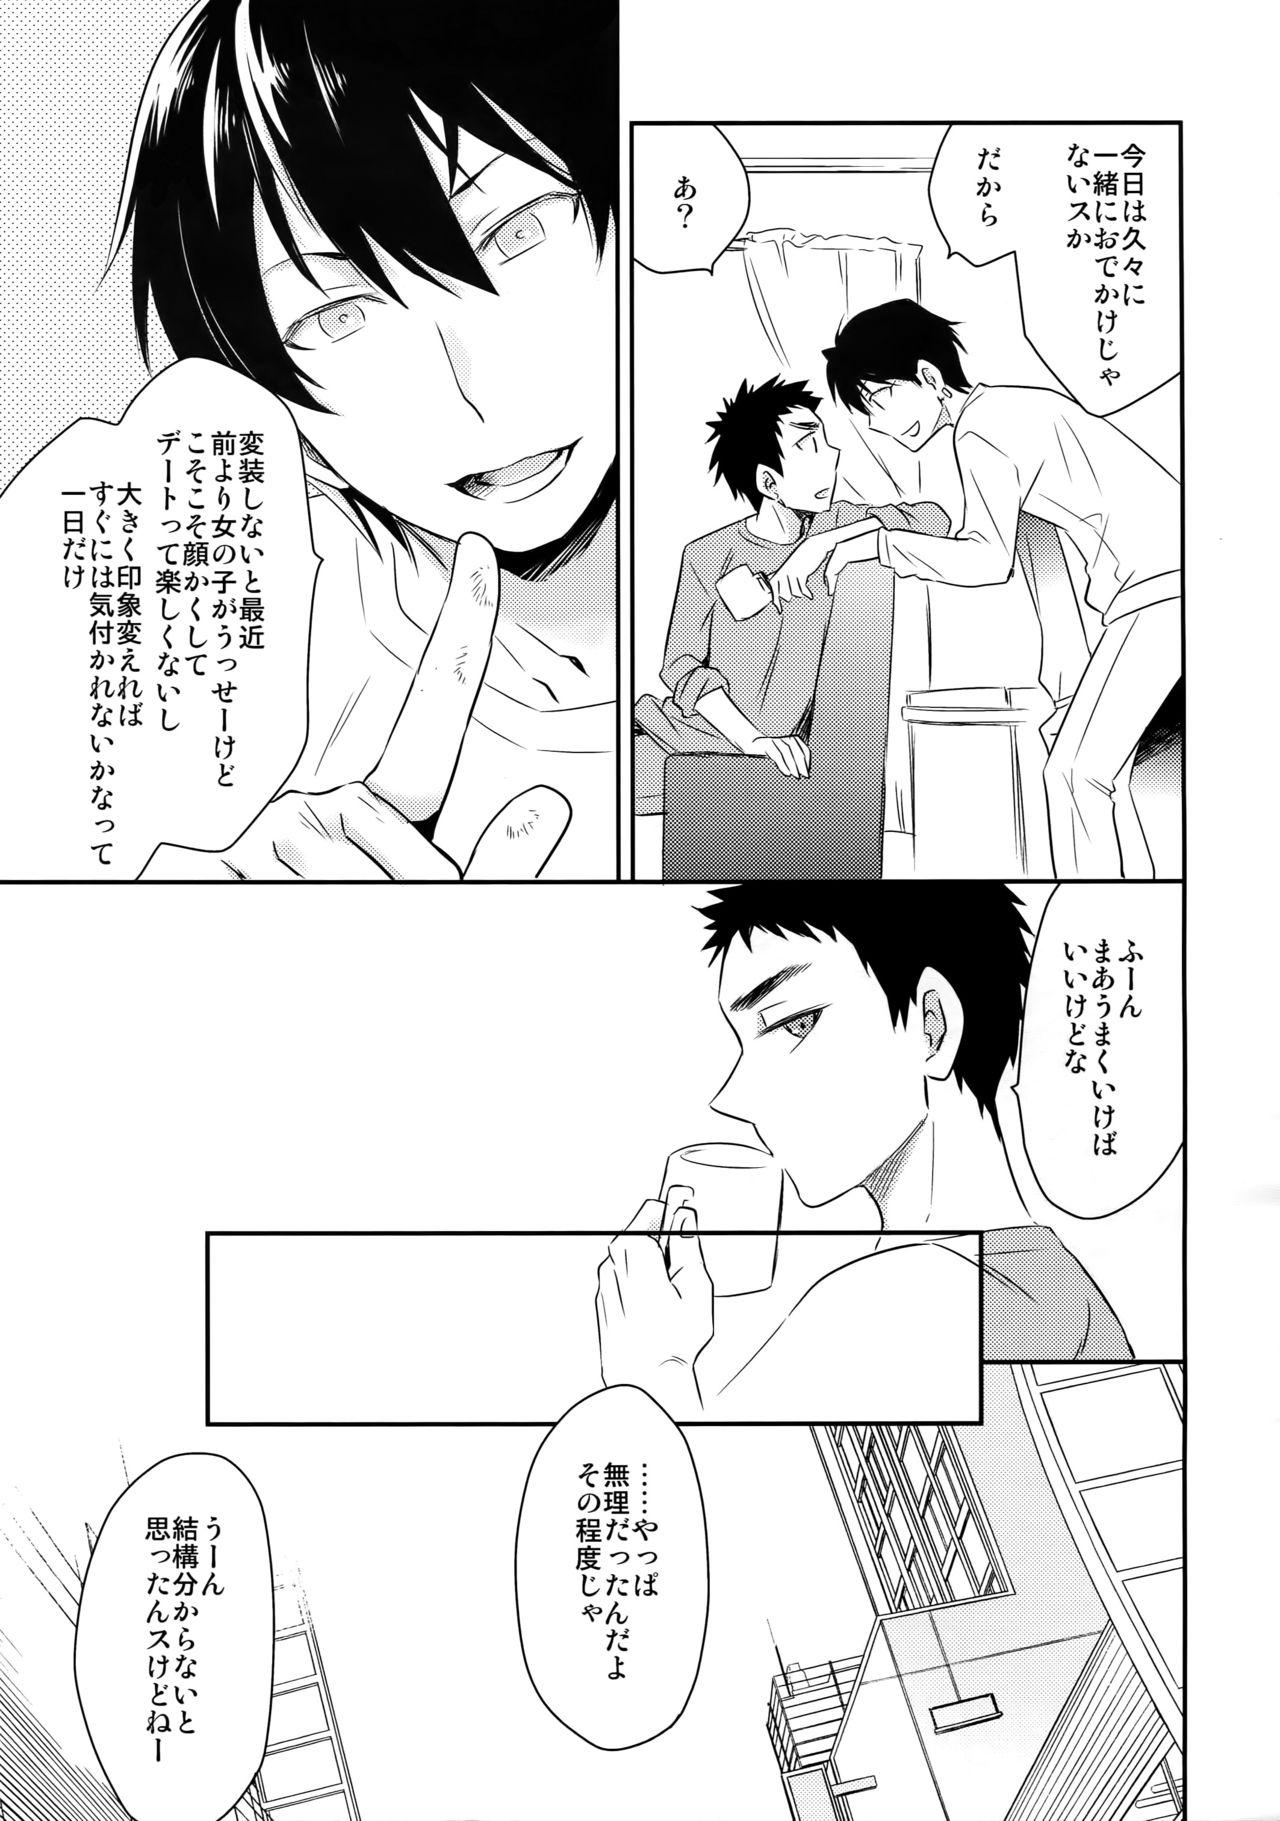 [Bakuchi Jinsei SP (Satsuki Fumi)] Kanpeki Kareshi to Zettai Ryouiki Ouji-sama - Another Version - (Kuroko no Basket) 45